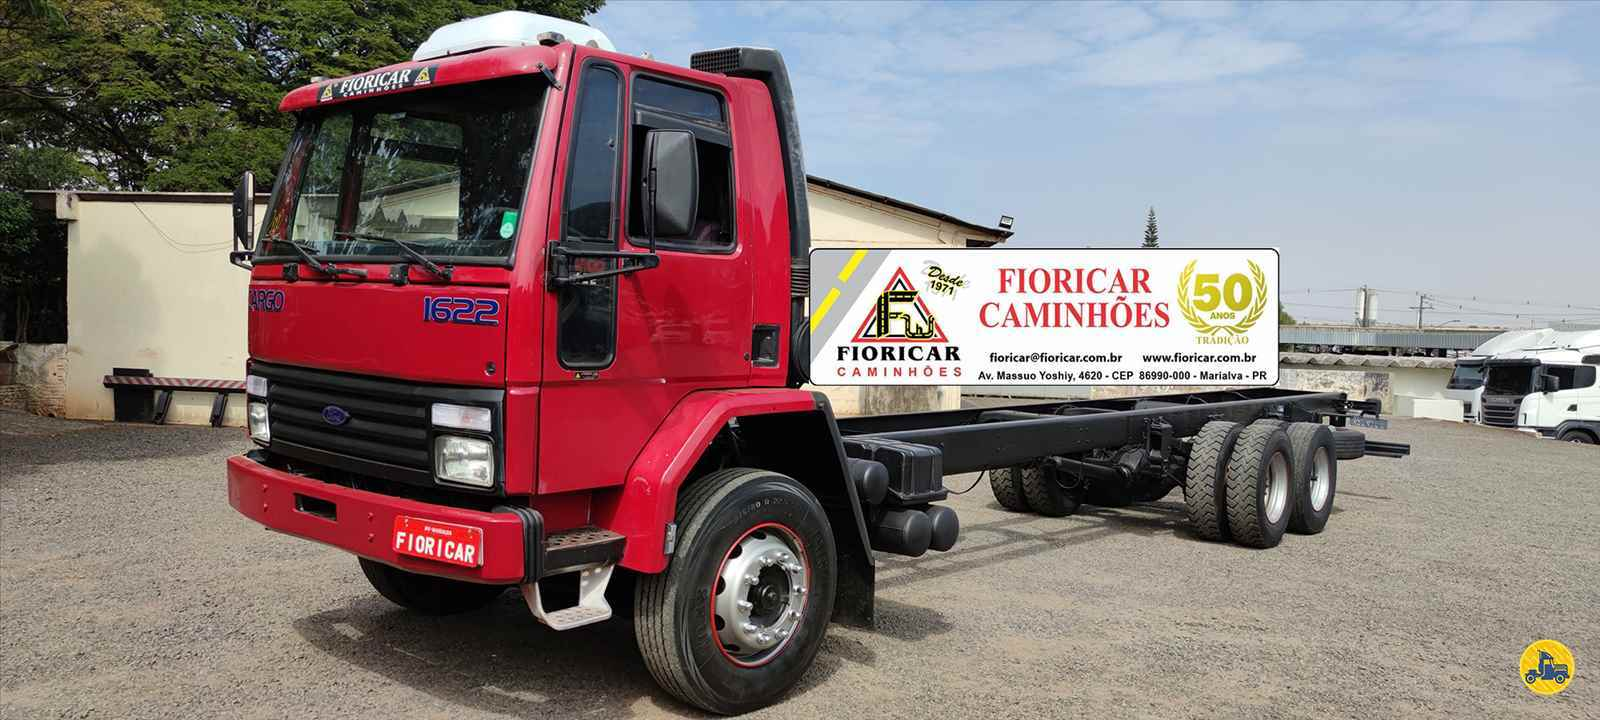 CAMINHAO FORD CARGO 1622 Chassis Truck 6x2 Fioricar Caminhões MARIALVA PARANÁ PR